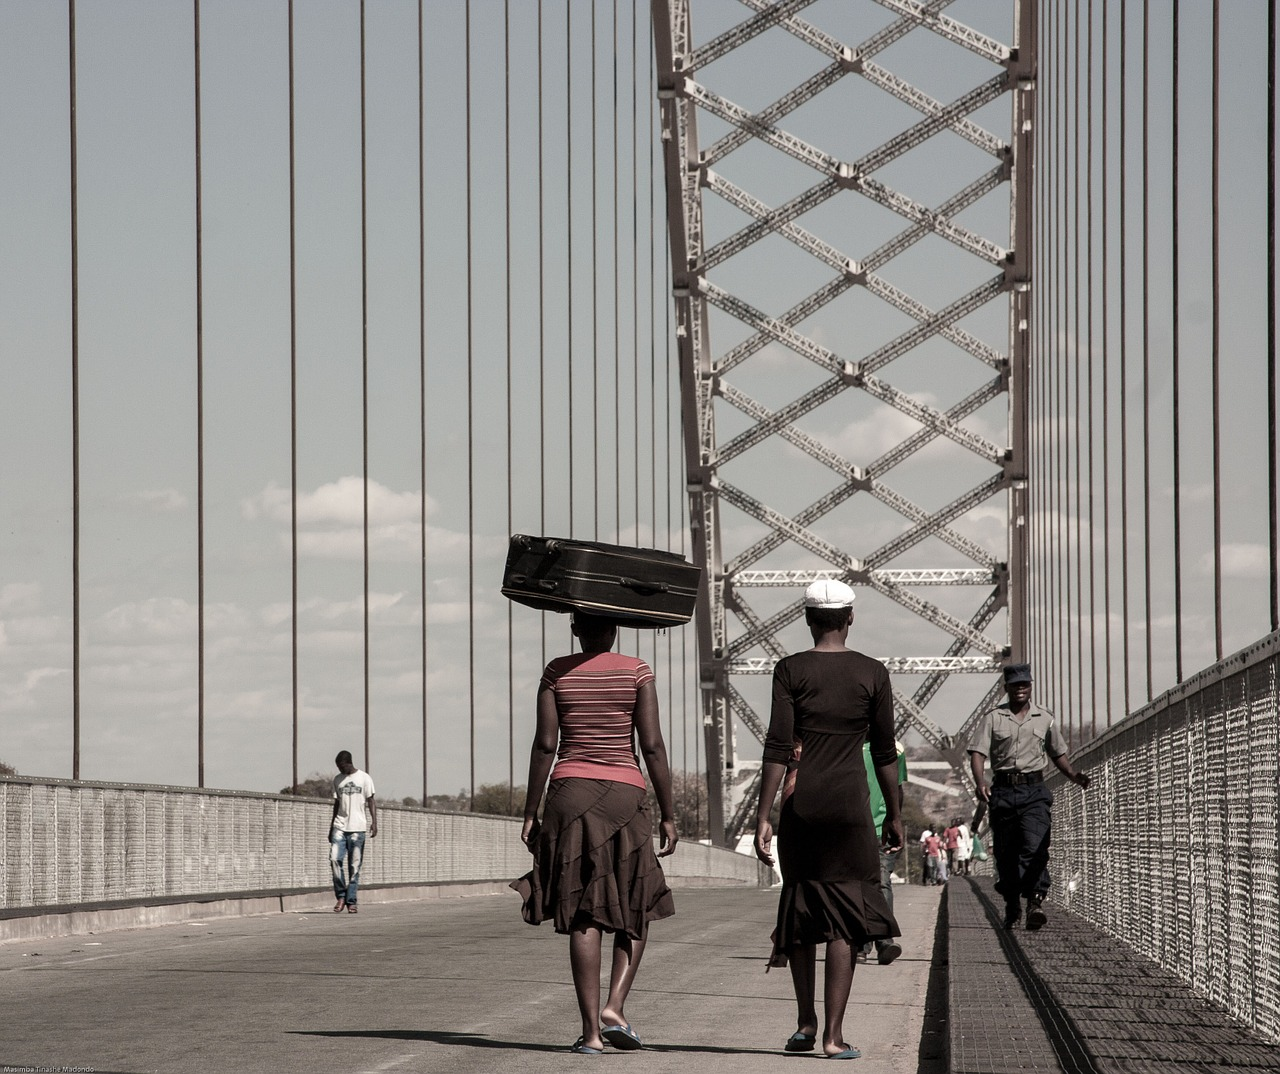 bridge-961785_1280.jpg